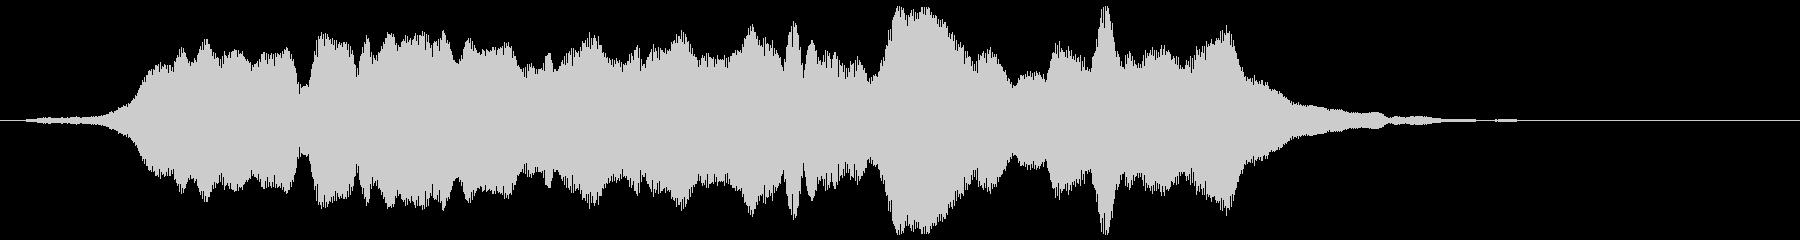 笛 4の未再生の波形